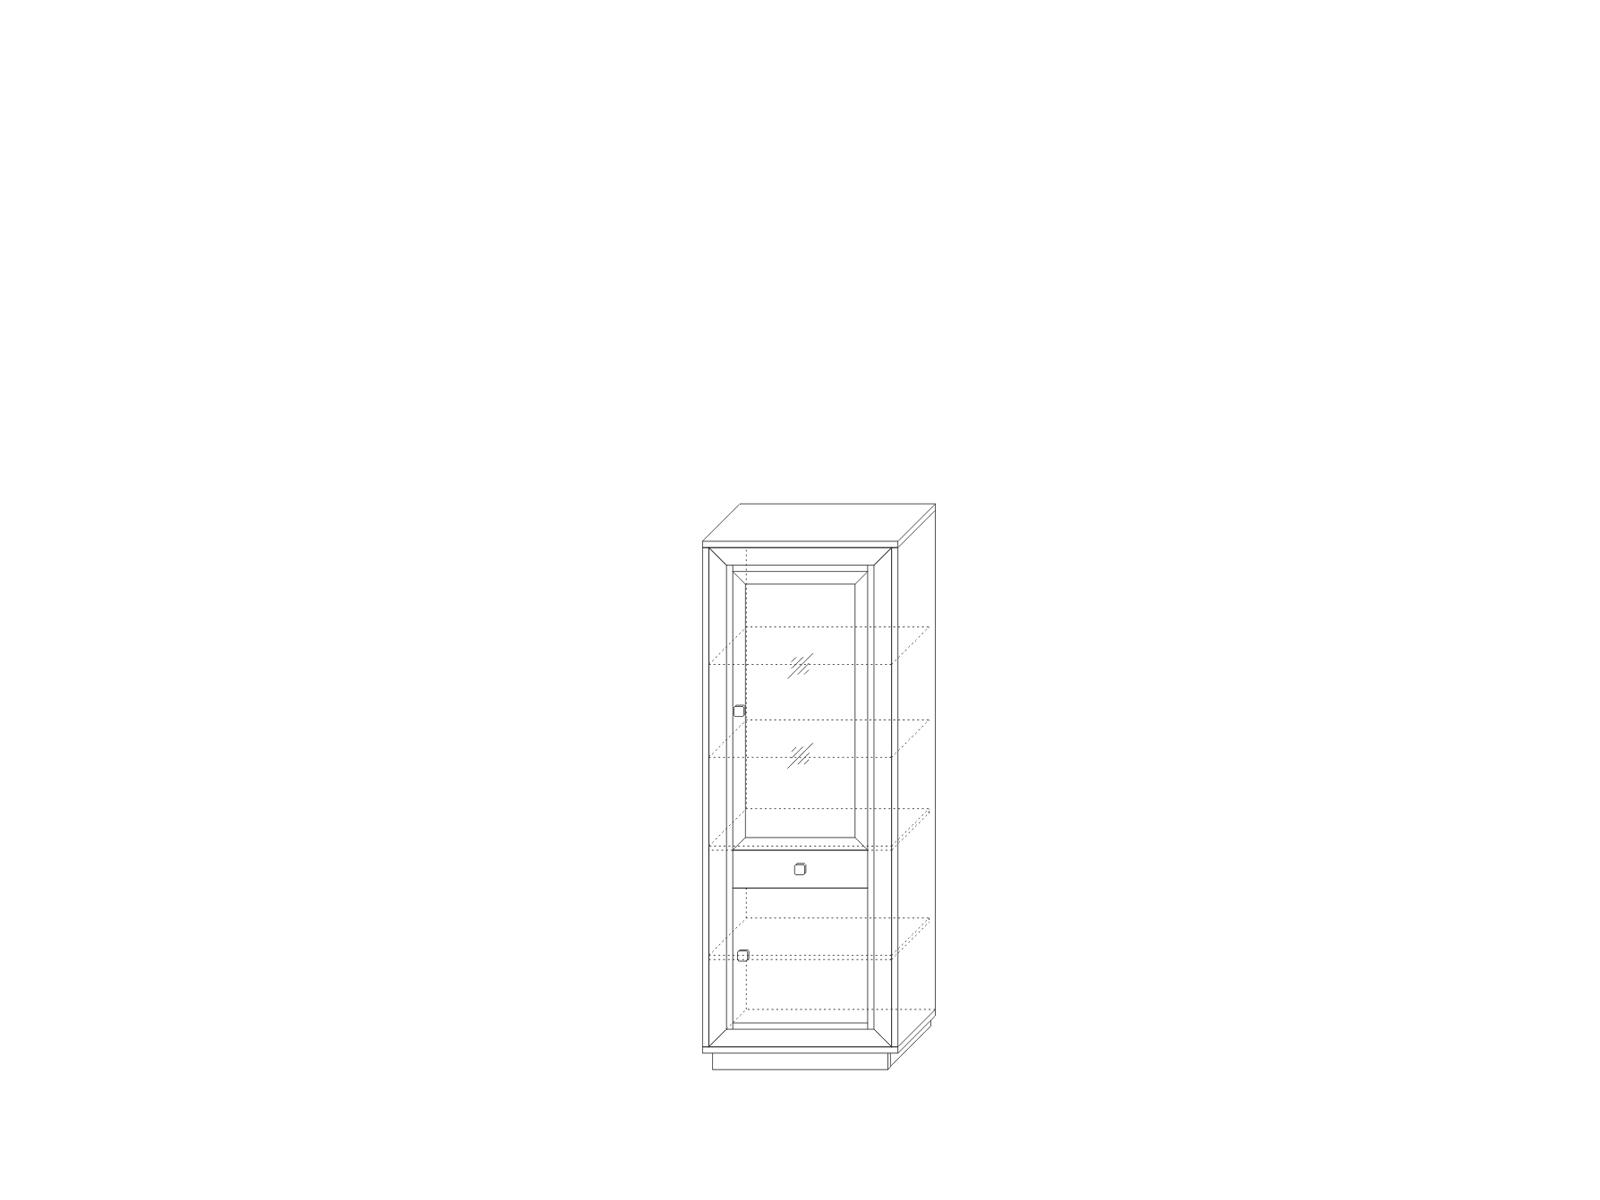 Шкаф 776 (1 cтеклодверь 1 ящик) «Прато» Кураж